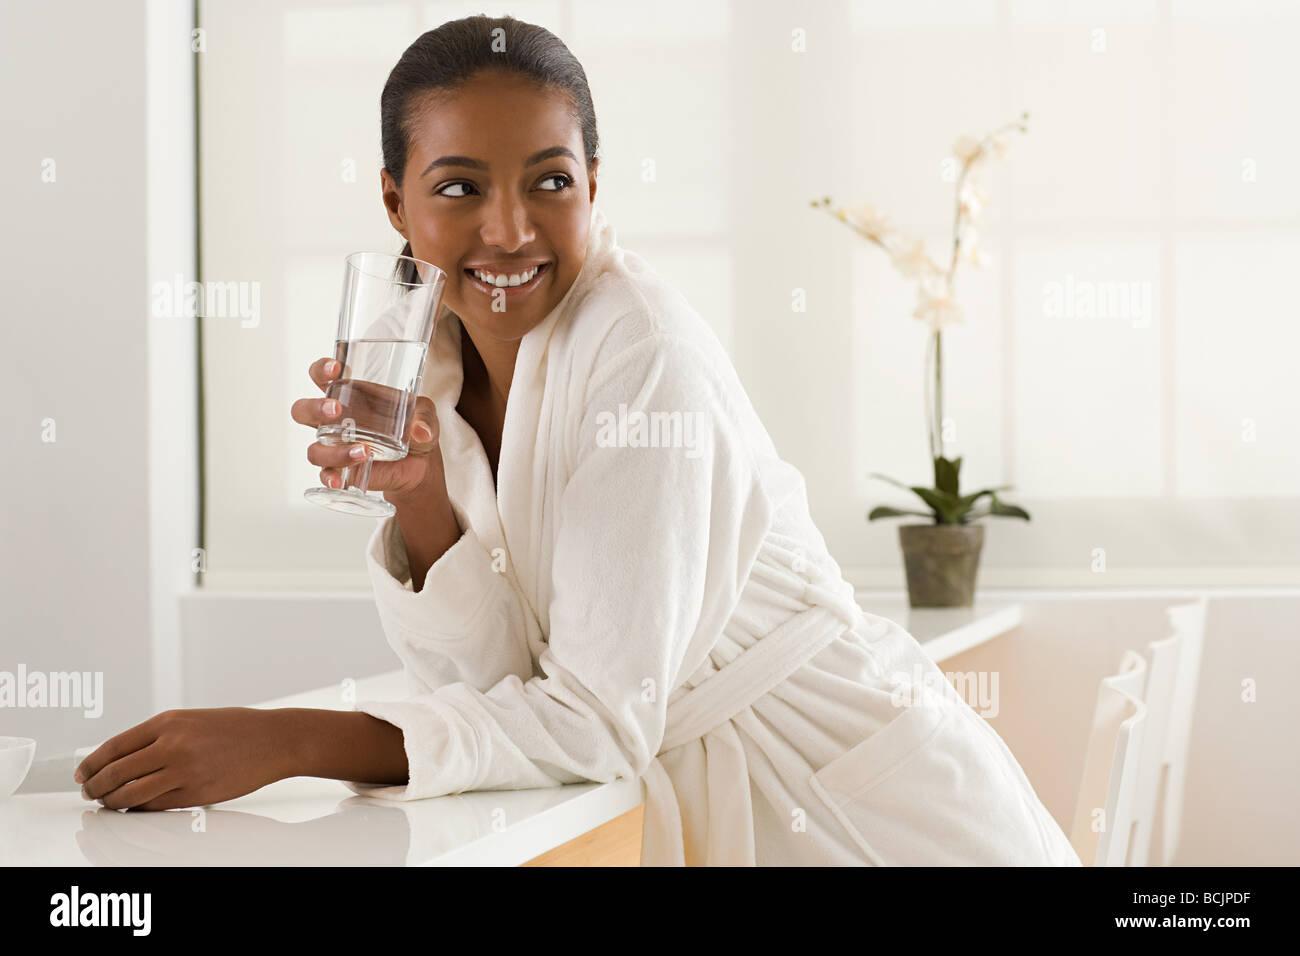 Woman at health spa Stock Photo